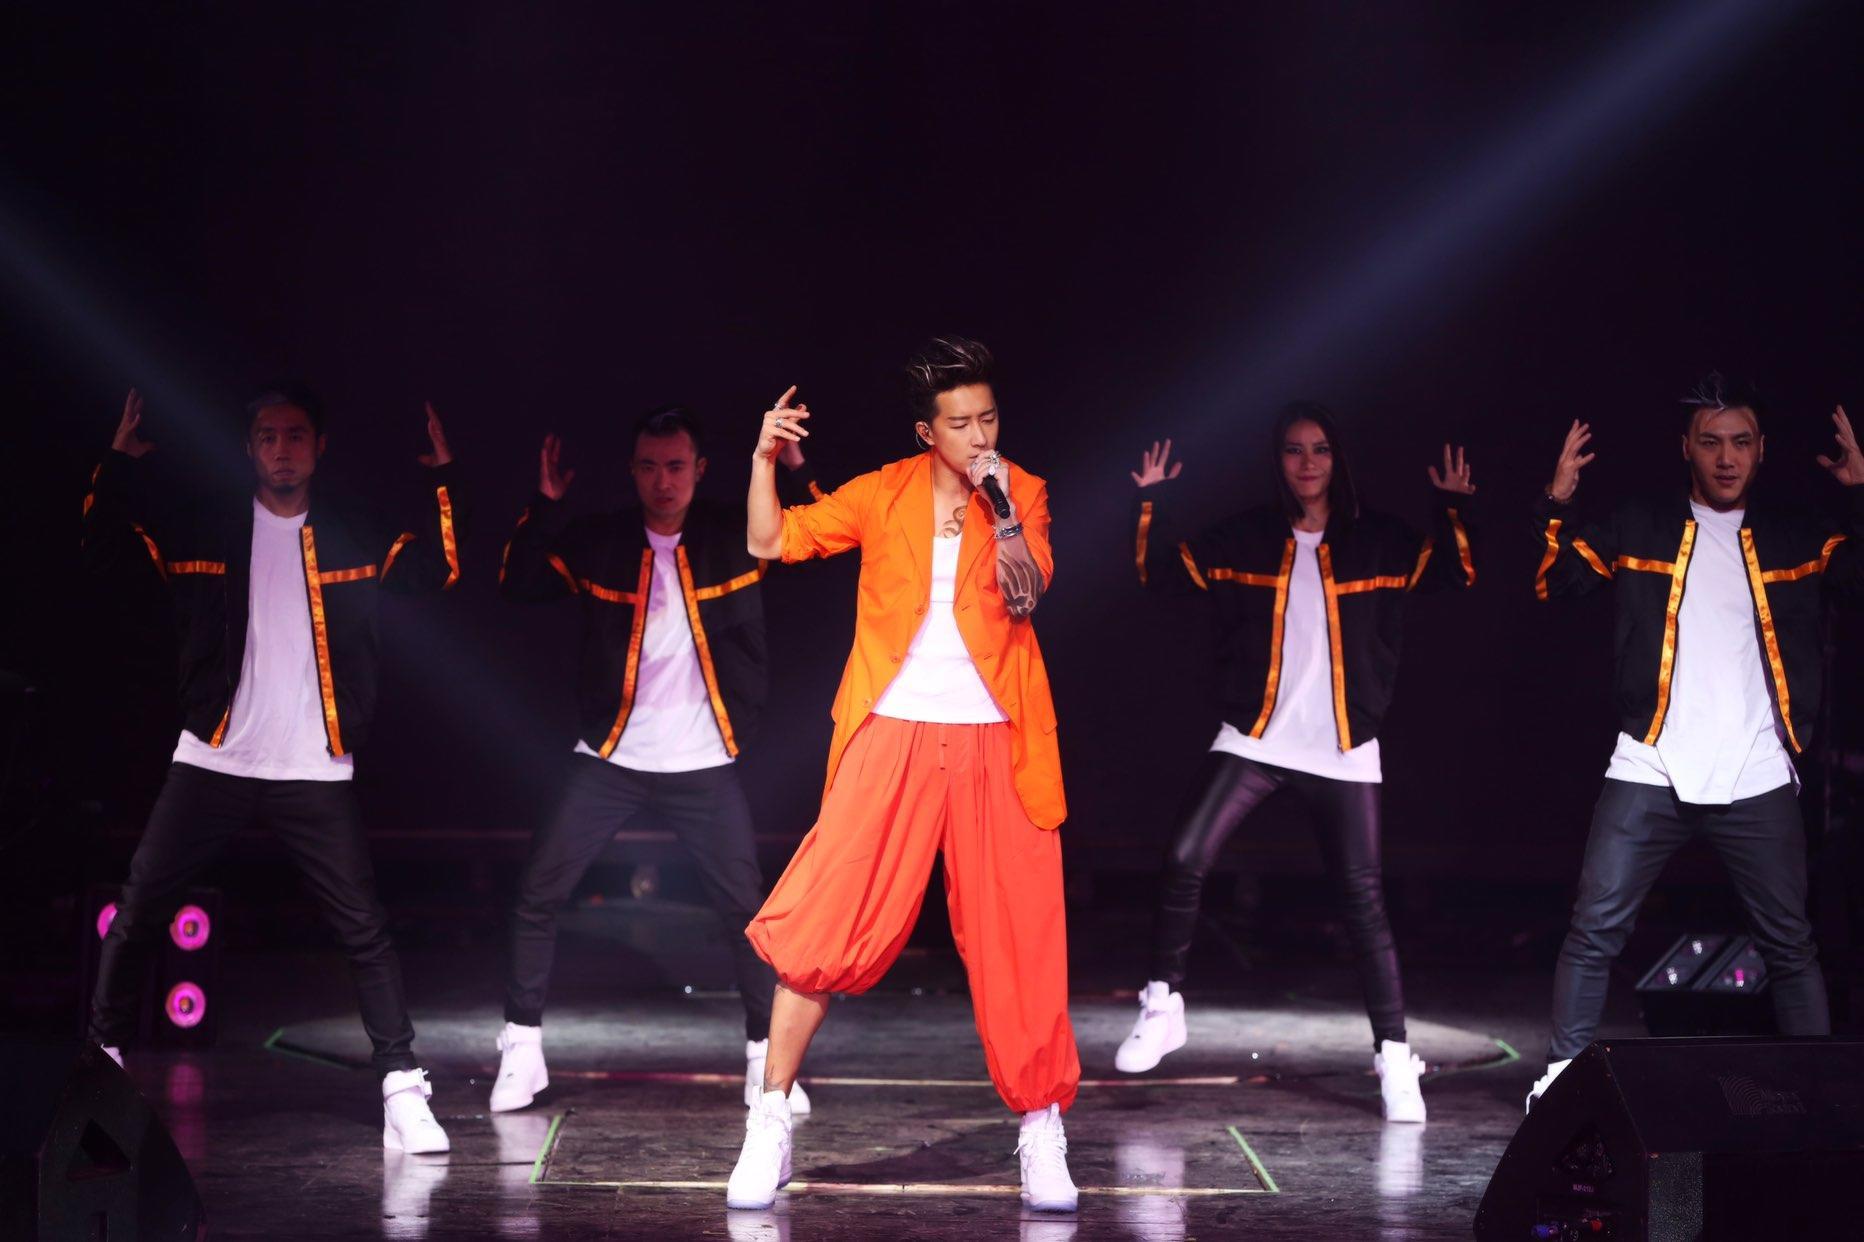 韩庚任街舞节目明星队长:舞蹈是生命一部分